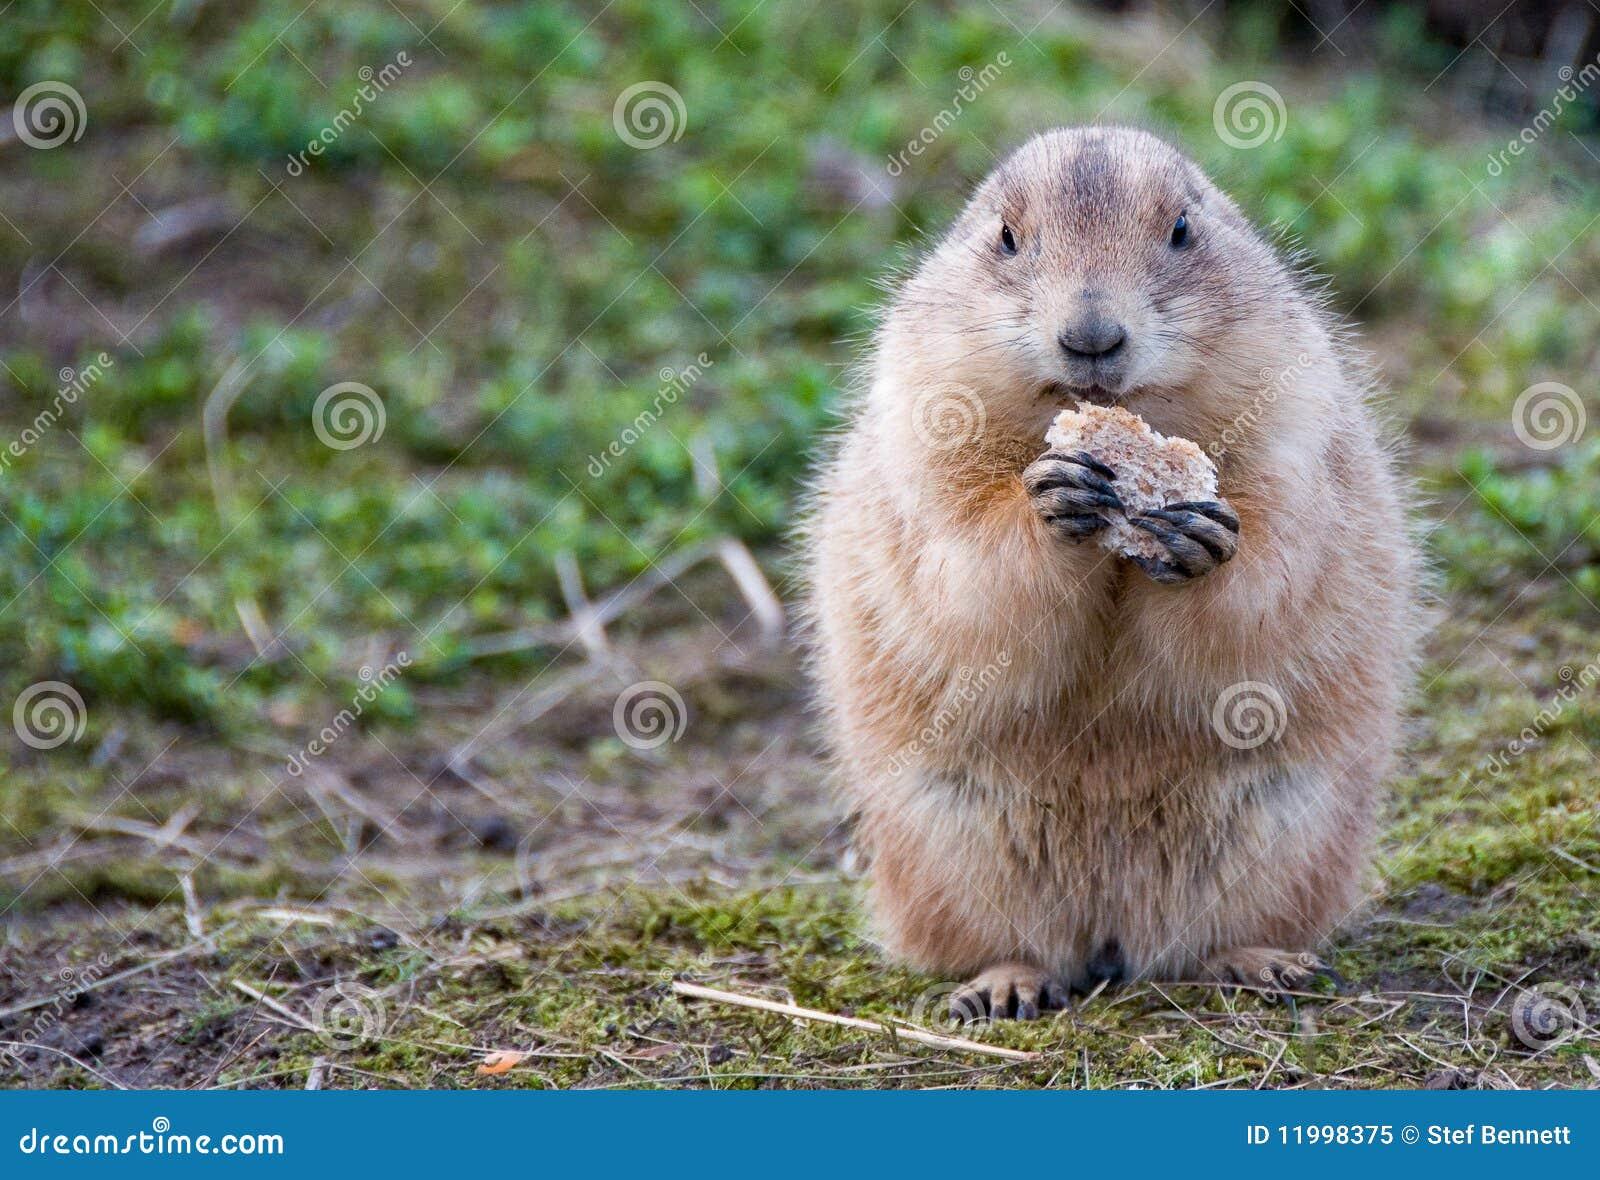 土拨鼠大叫动画动图_土拨鼠大叫表情动图表情的表情包胚图片